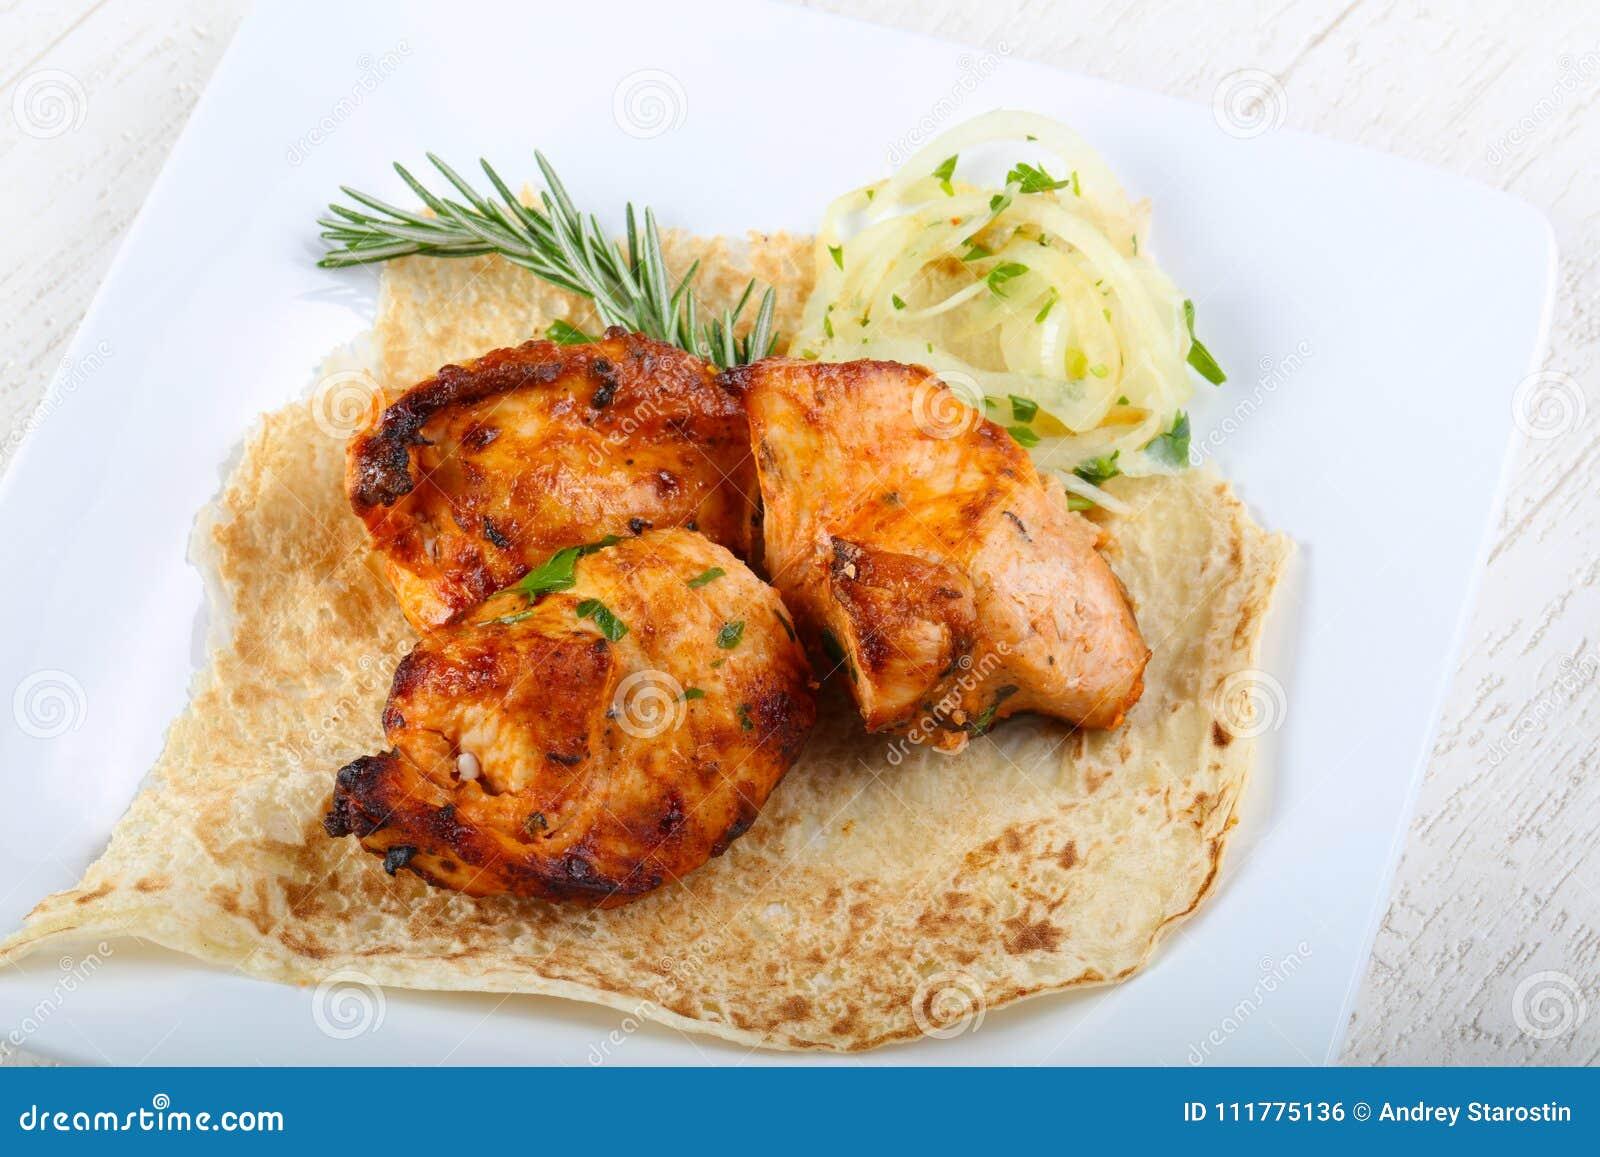 Chicken breast bbq